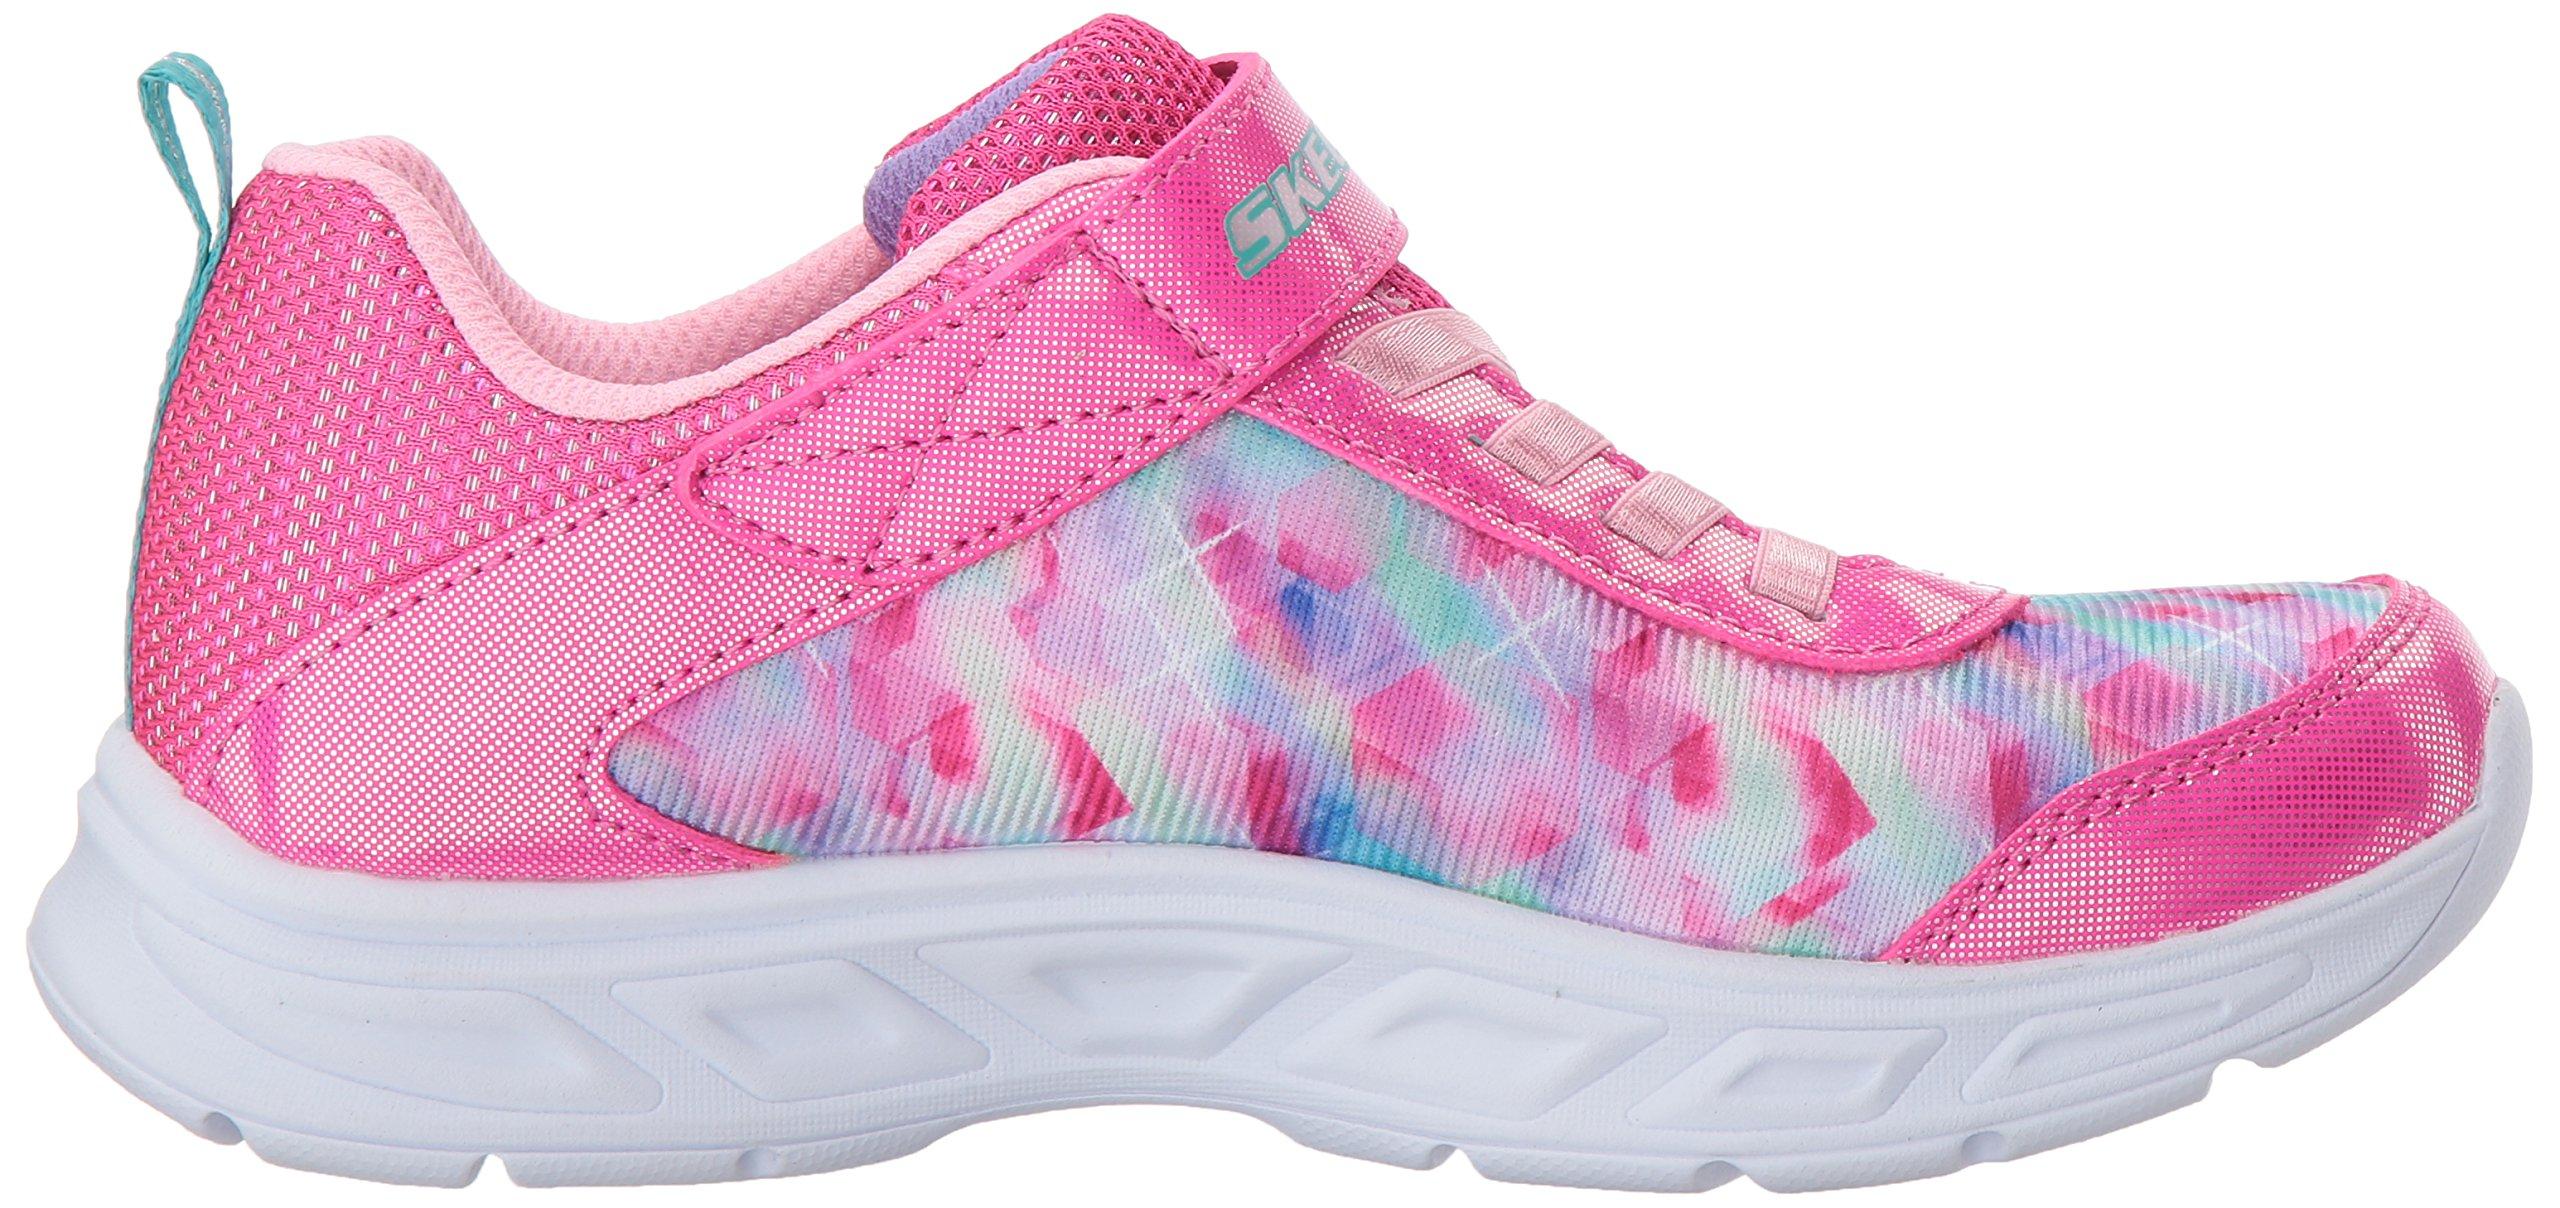 Skechers Kids Girls' Litebeams-Dance N'Glow Sneaker,neon Pink/Multi,1 Medium US Little Kid by Skechers (Image #7)